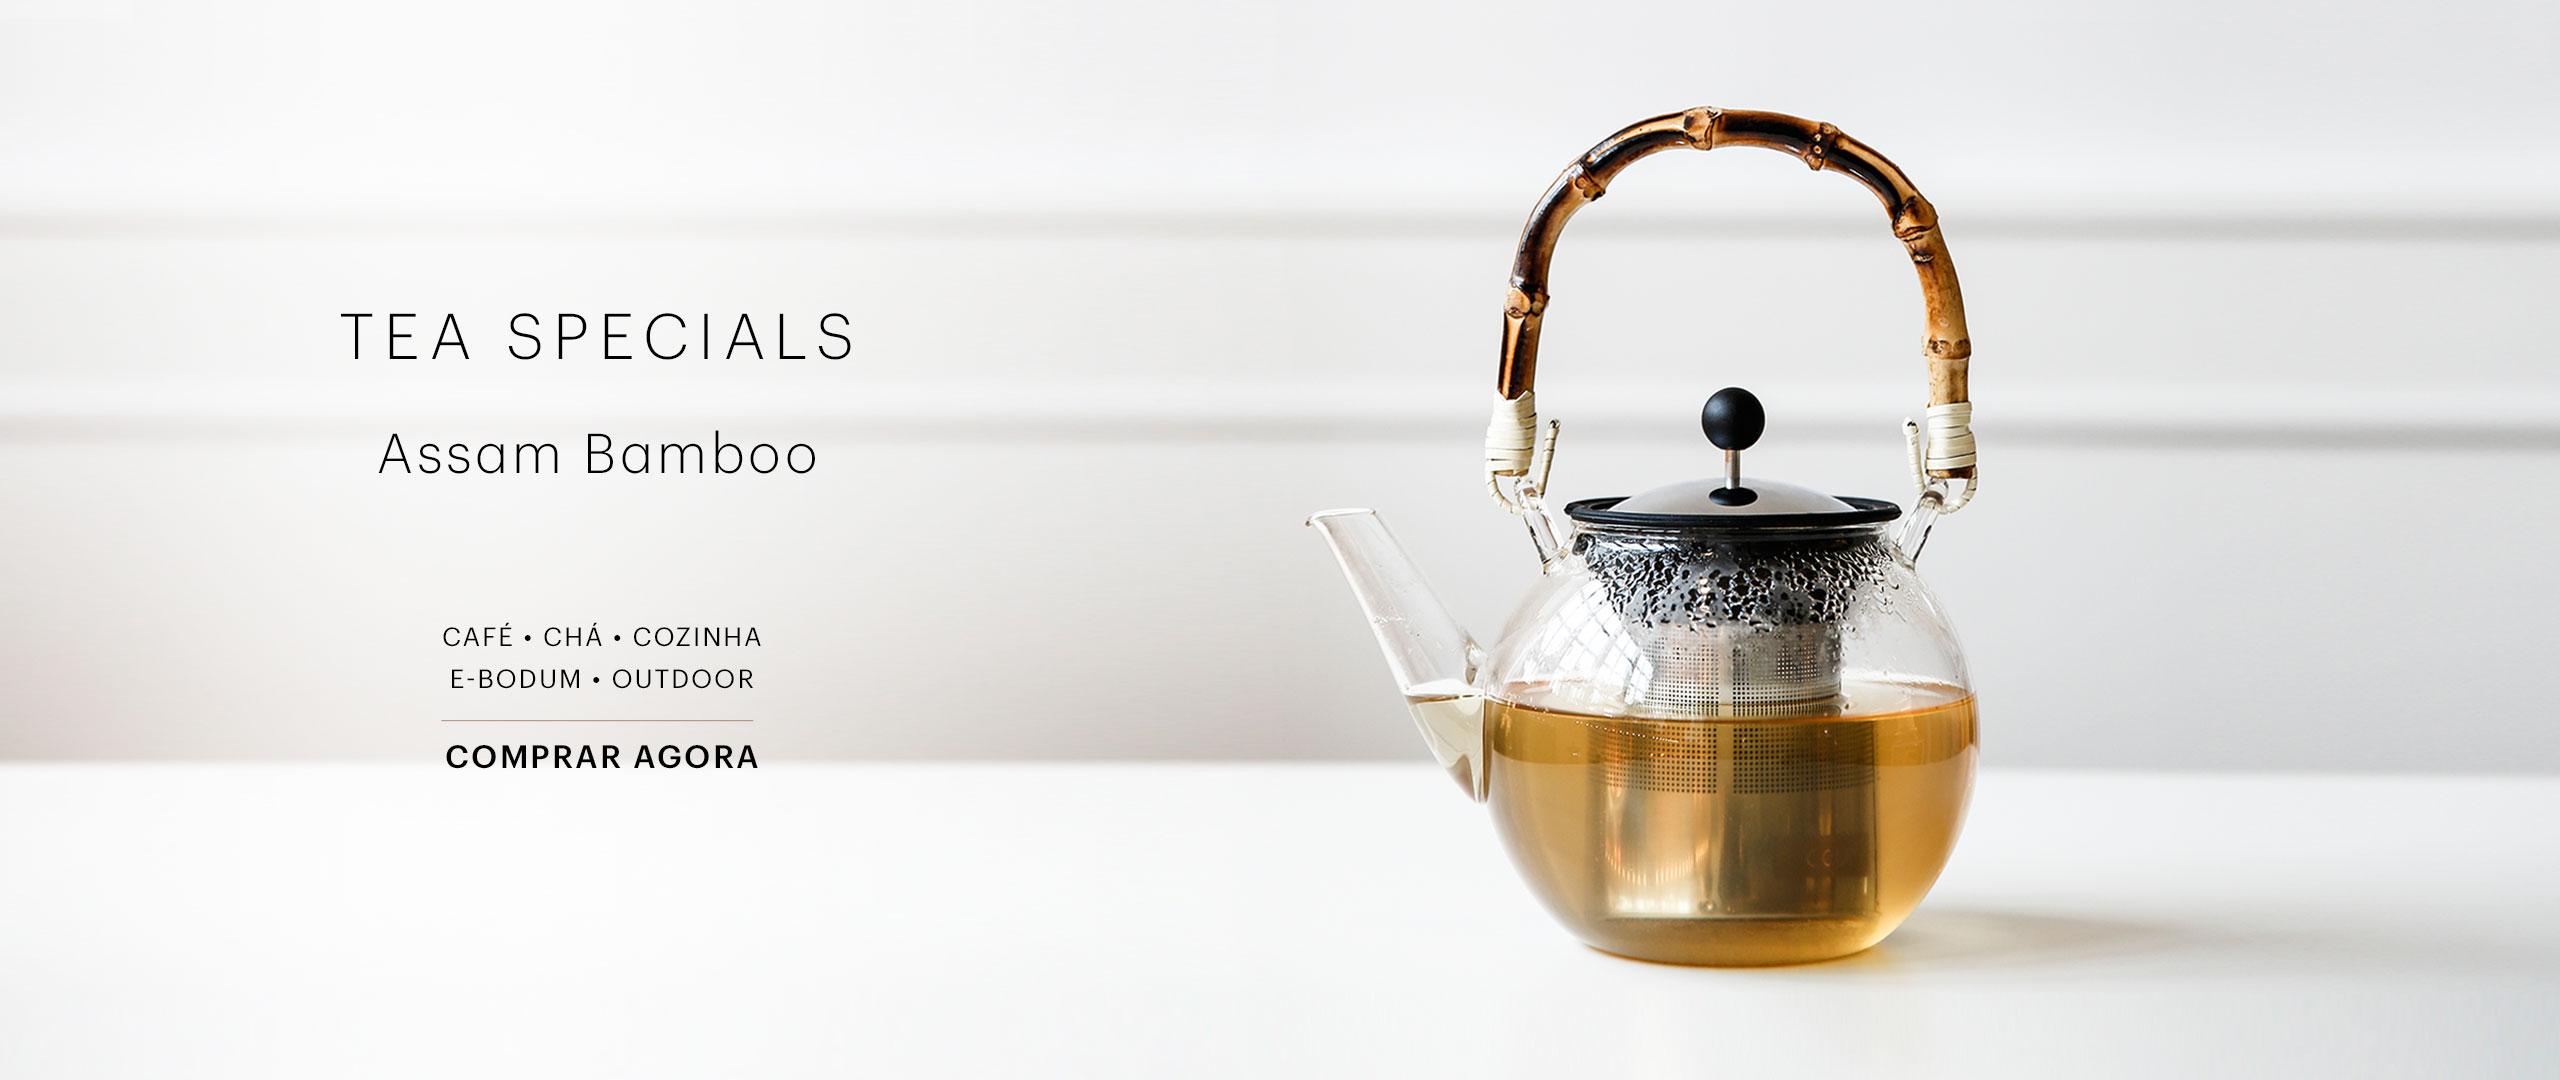 BEU - [PT]  - Tea Specials